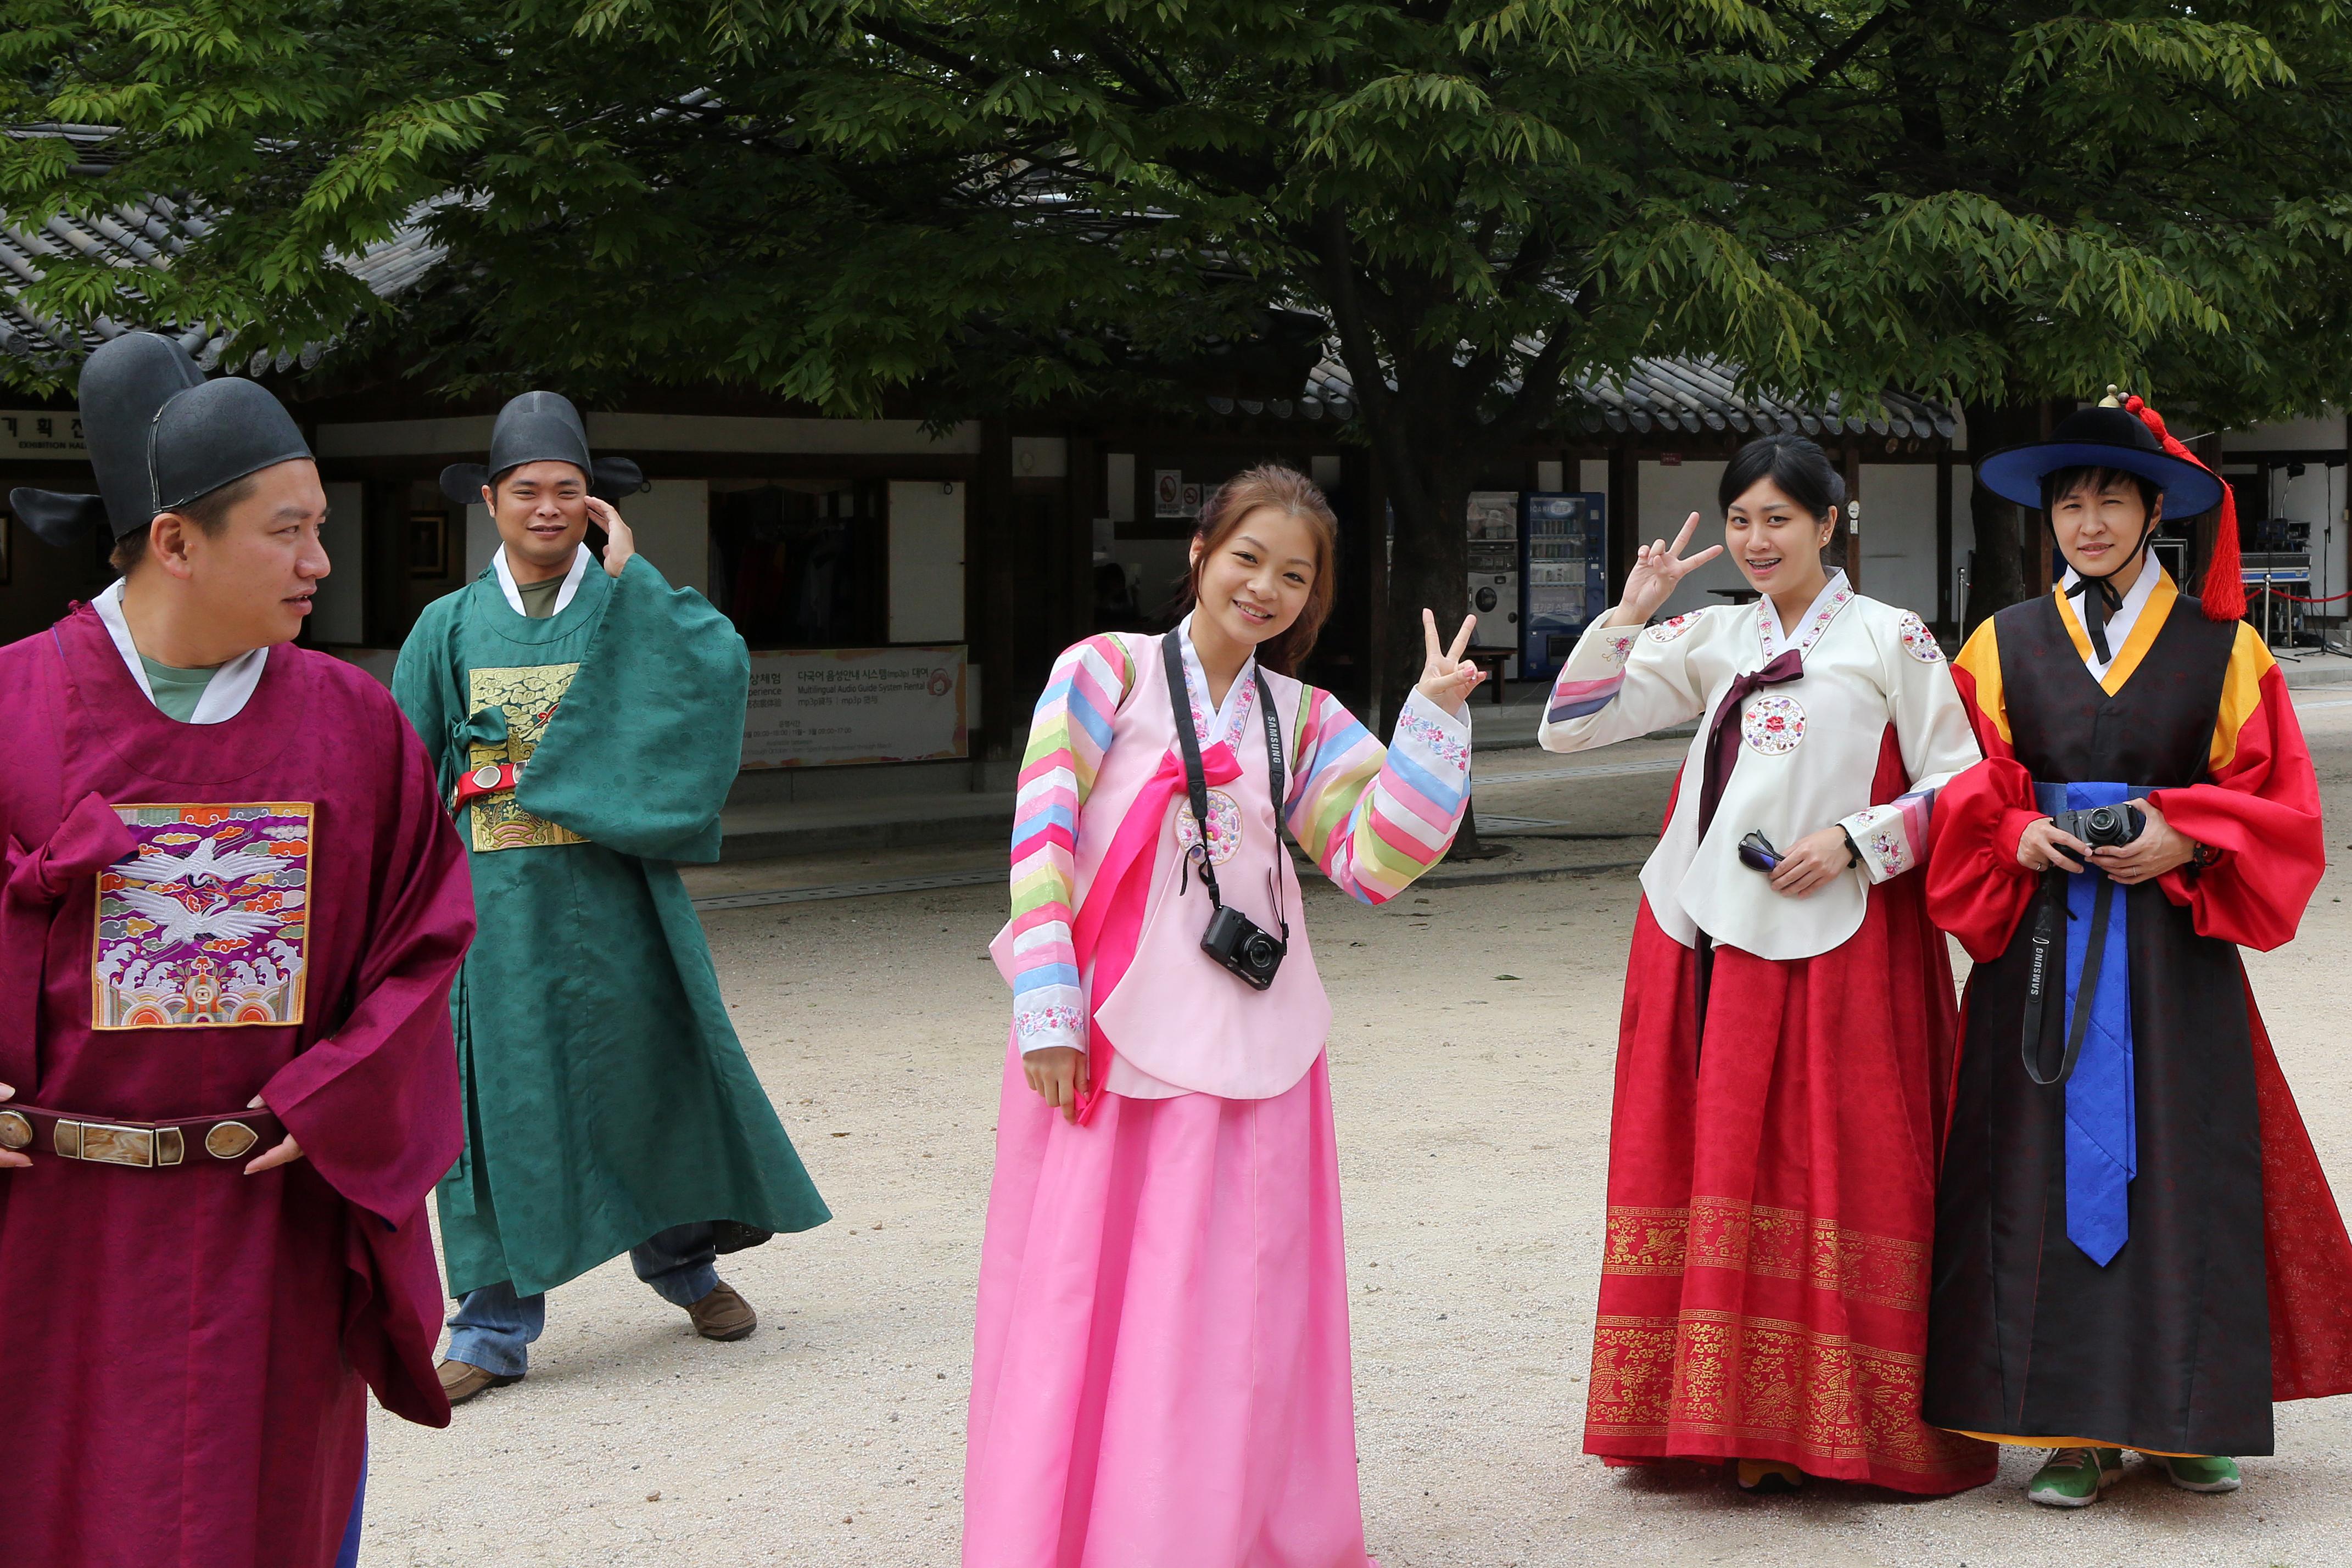 filekorea hanbok experience 06 8028302612jpg